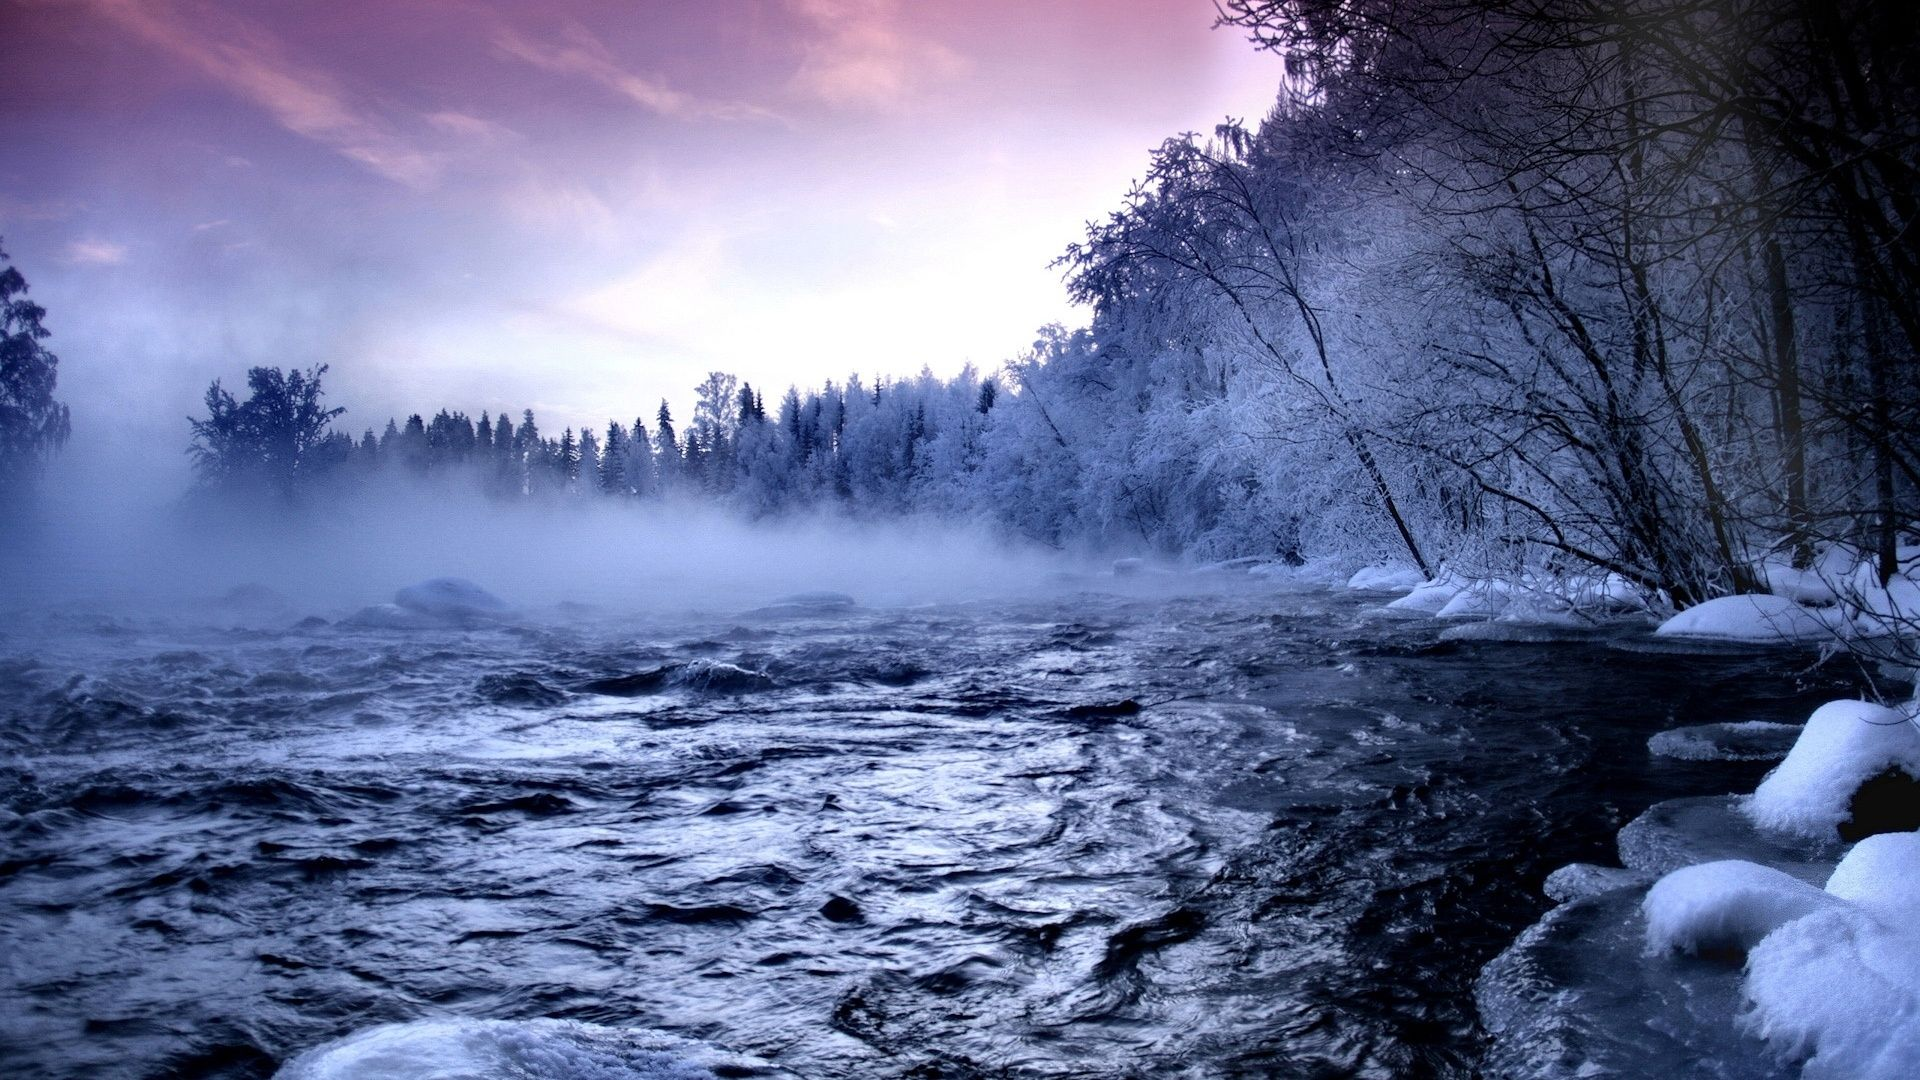 Snowy Landscape Wallpaper Beautiful Landscape Wallpaper Winter Landscape Winter Scenery